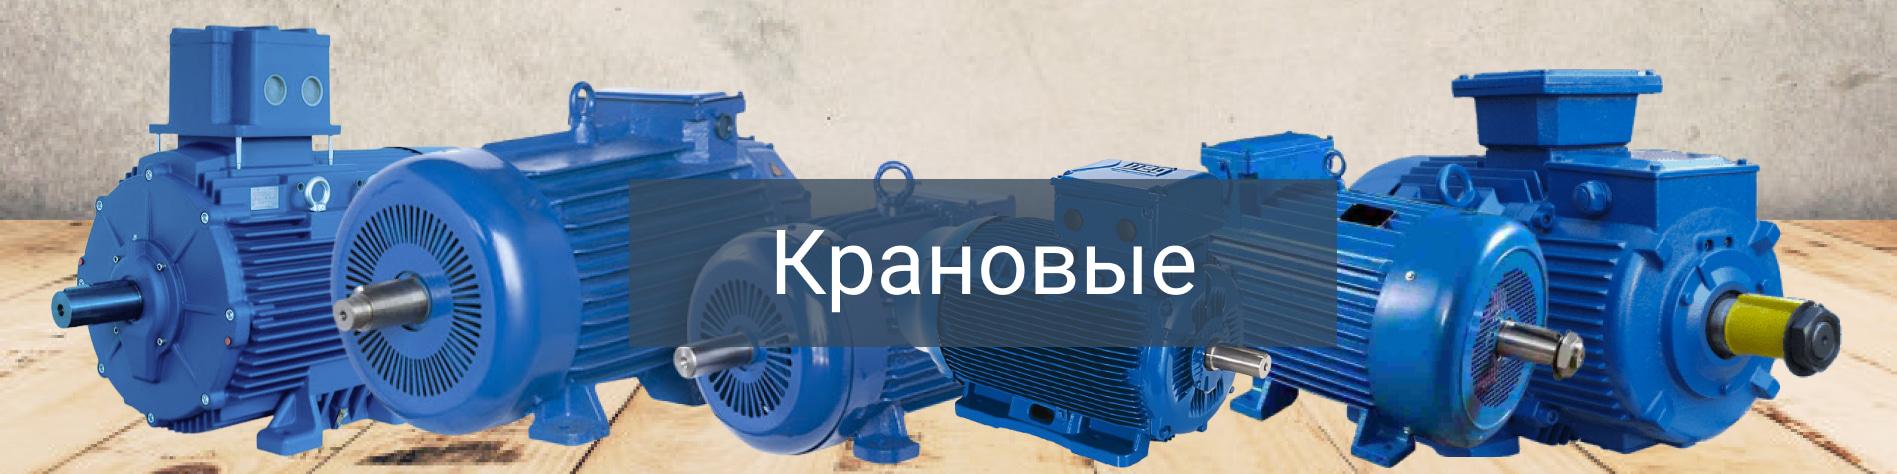 Крановые электродвигатели 7,5 кВт